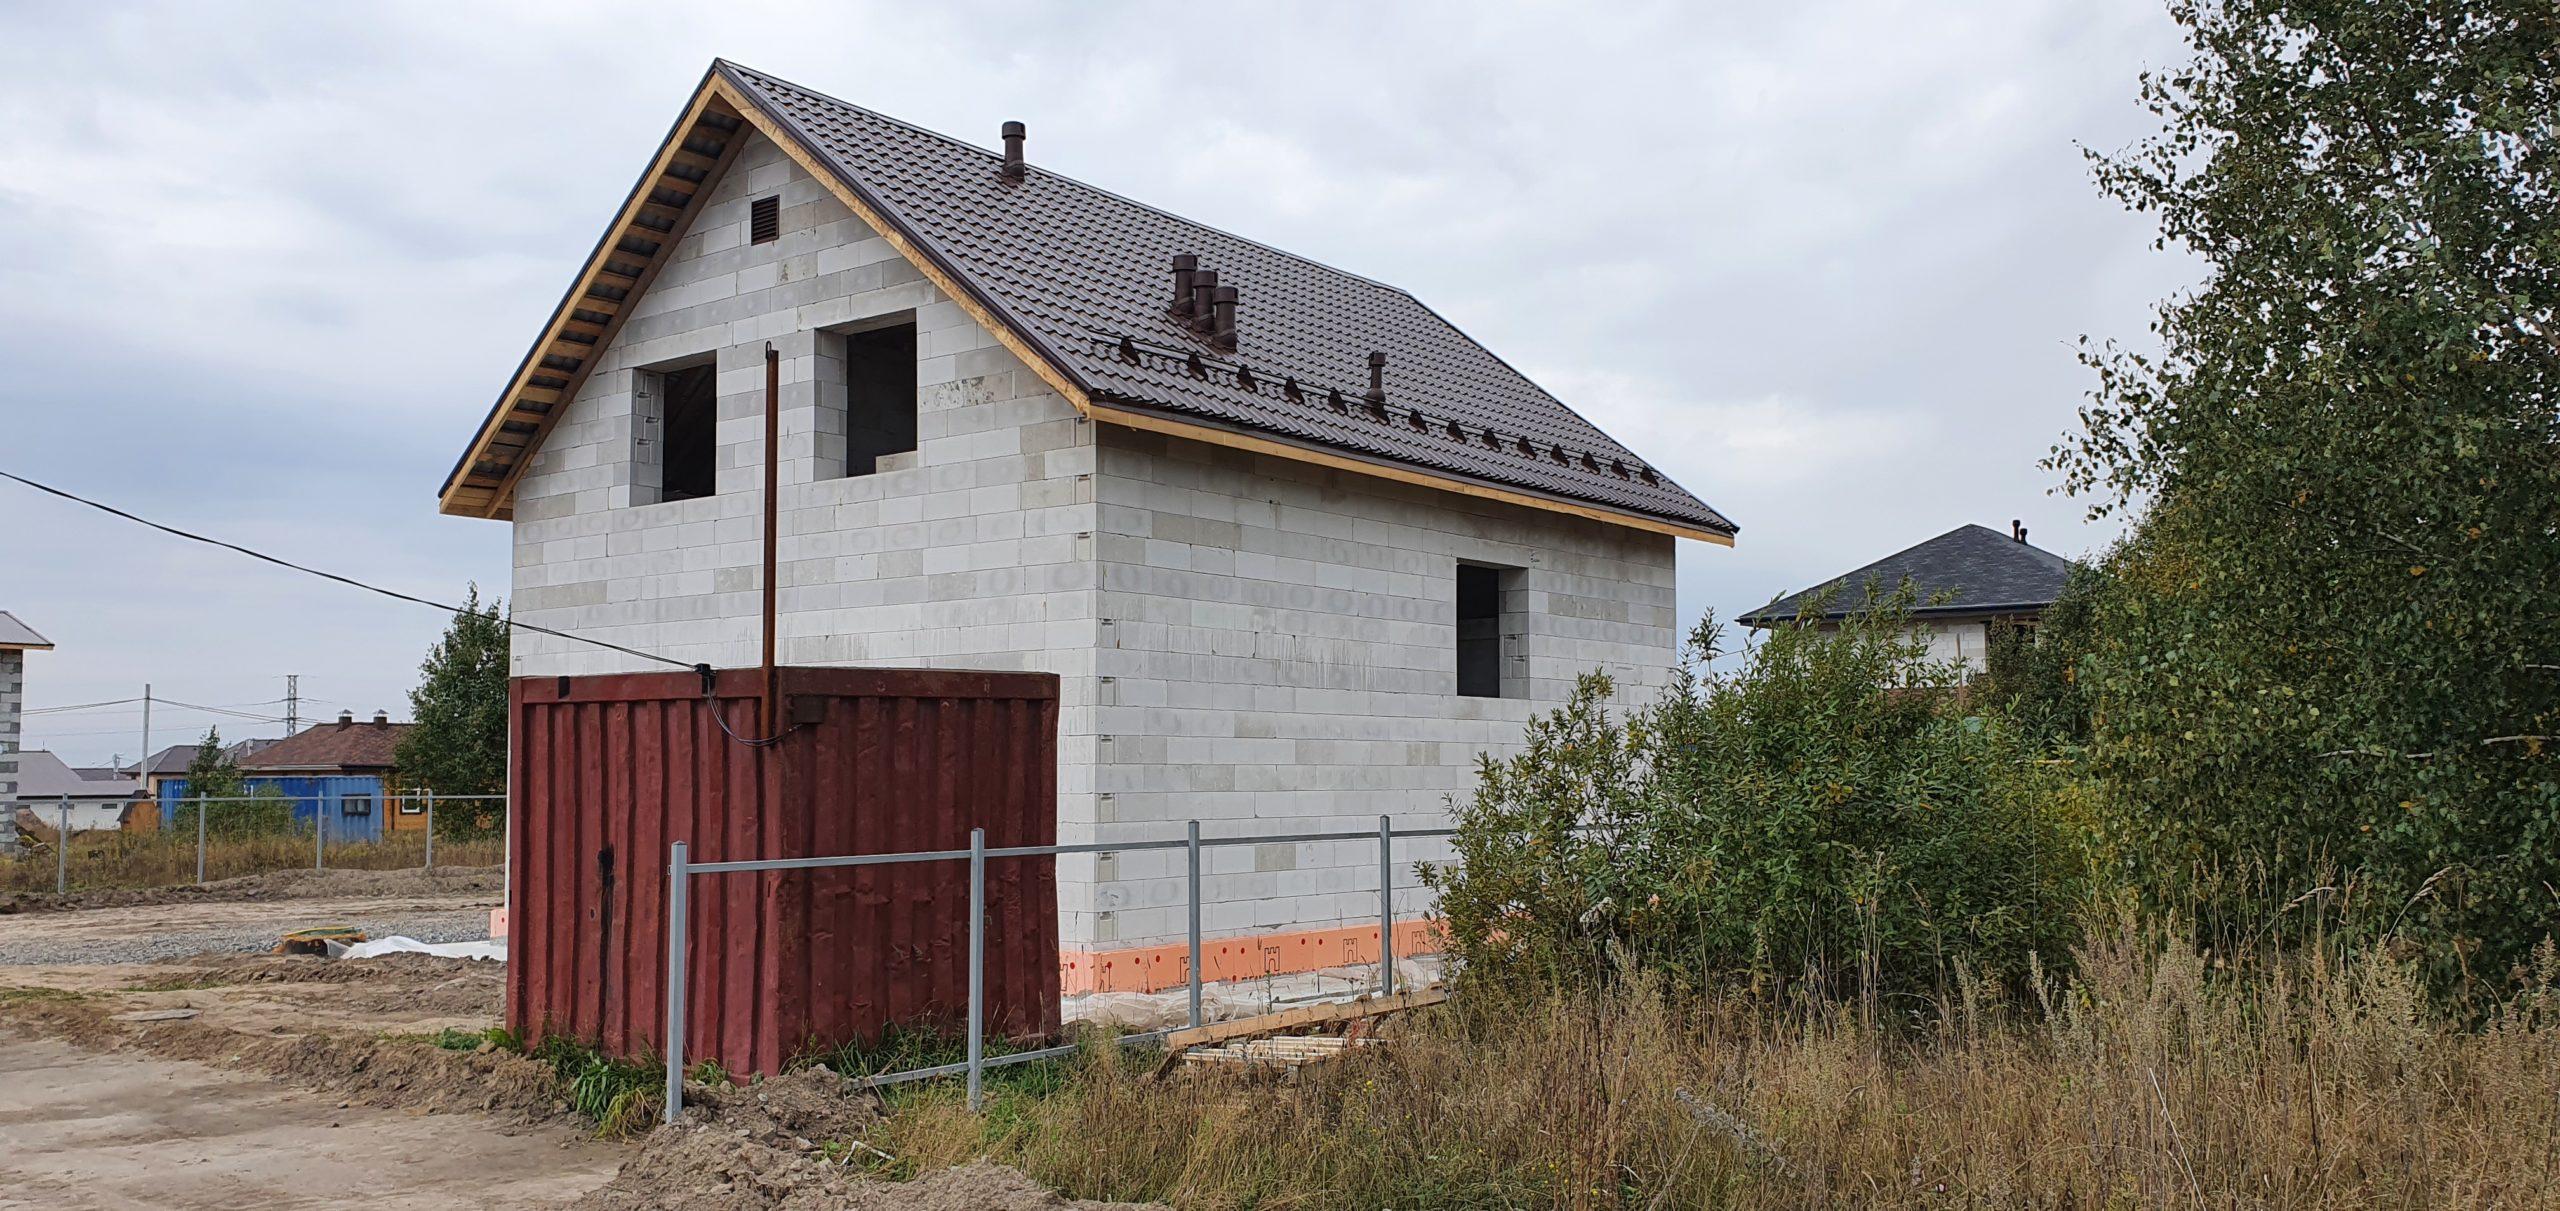 Коттедж 150м2,Новолуговое 2020г (163)